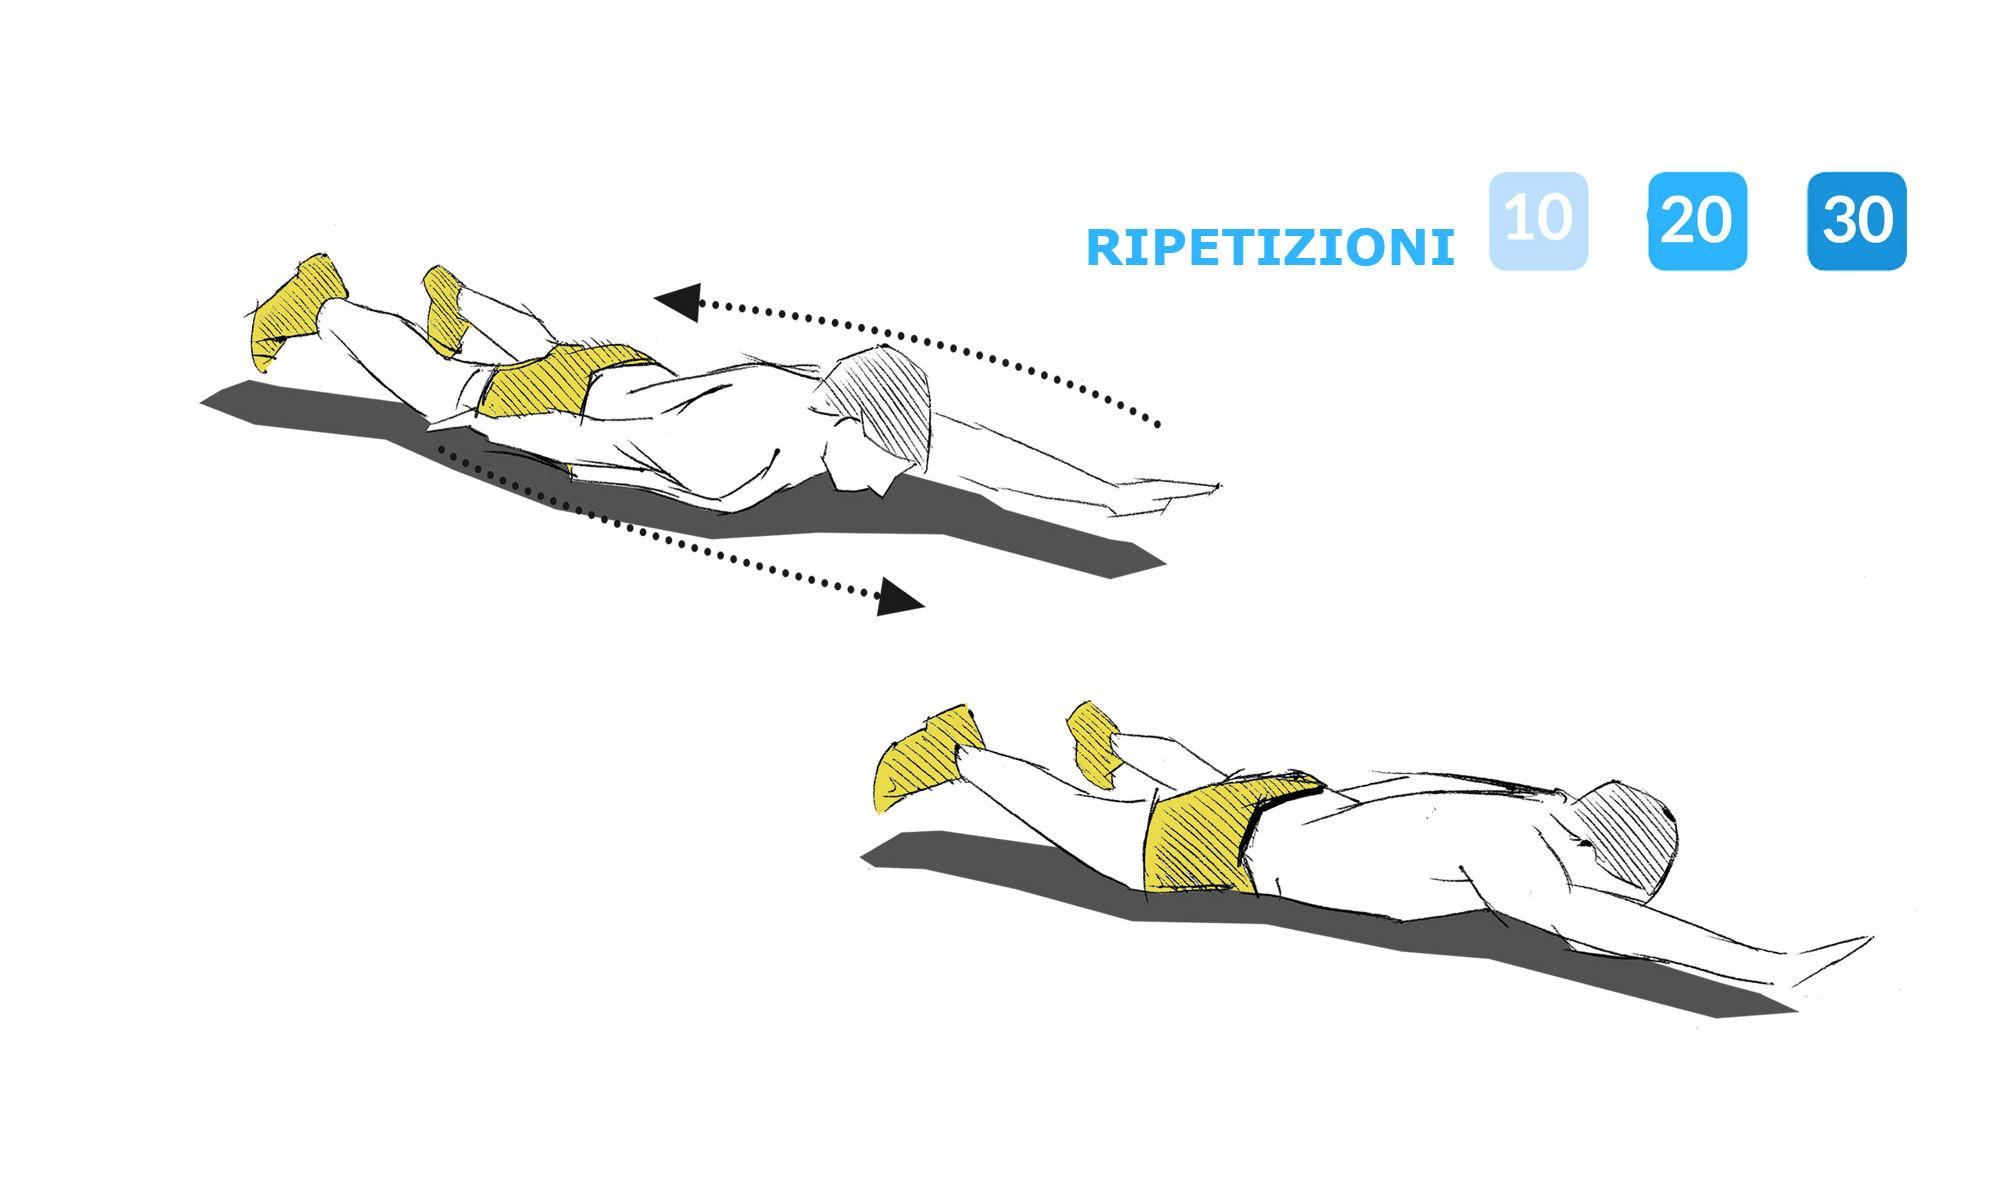 Istruzioni per eseguire correttamente l'esercizio di rafforzamento della spalla.